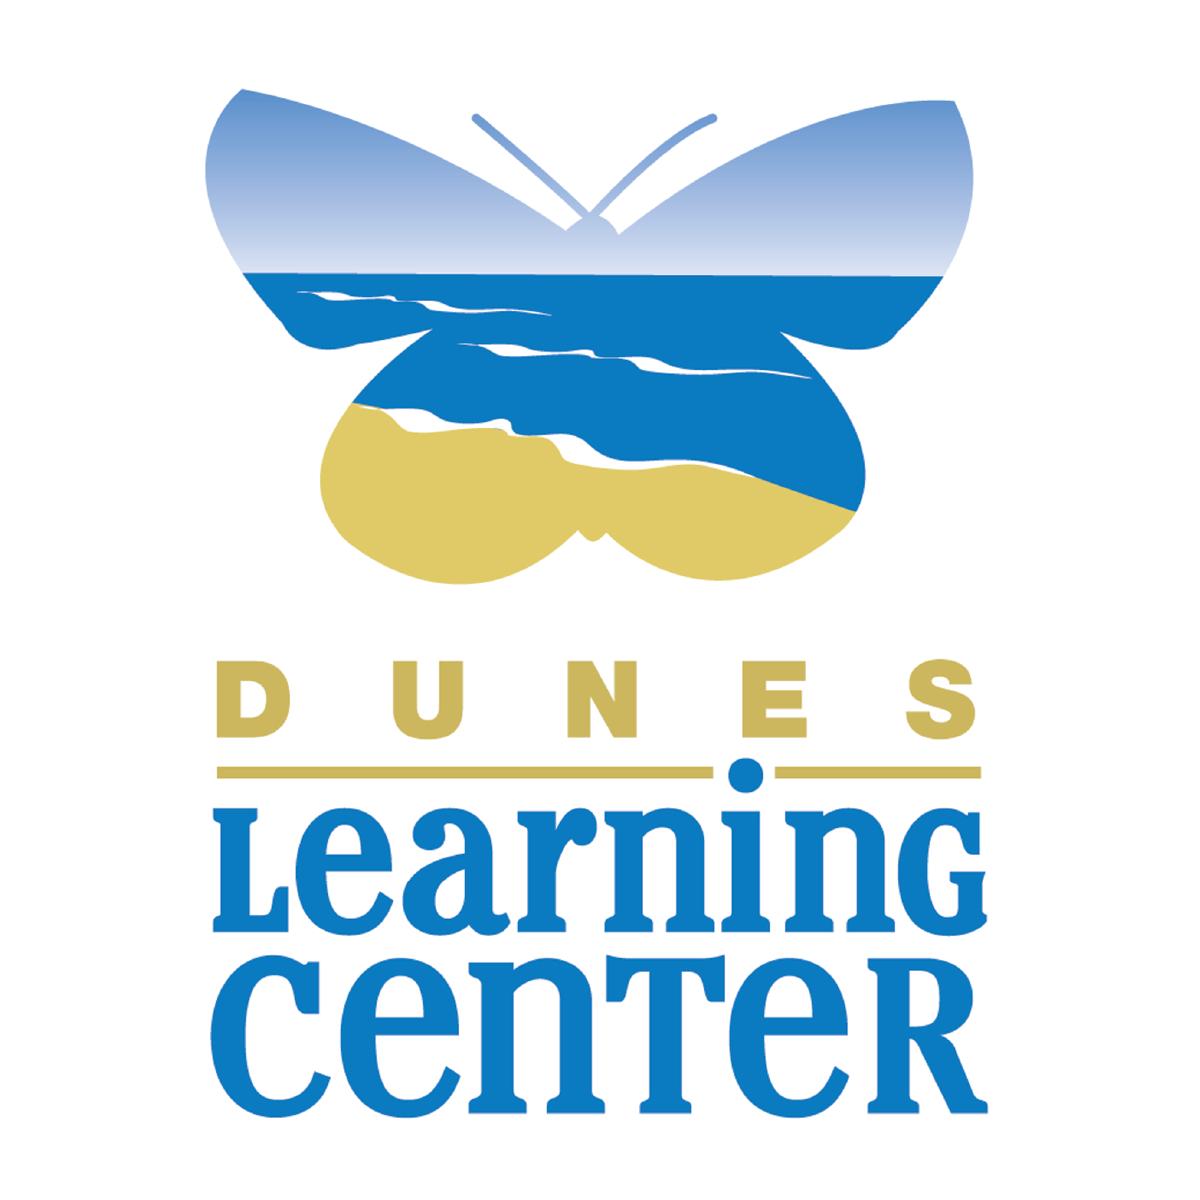 Dunes Learning Center